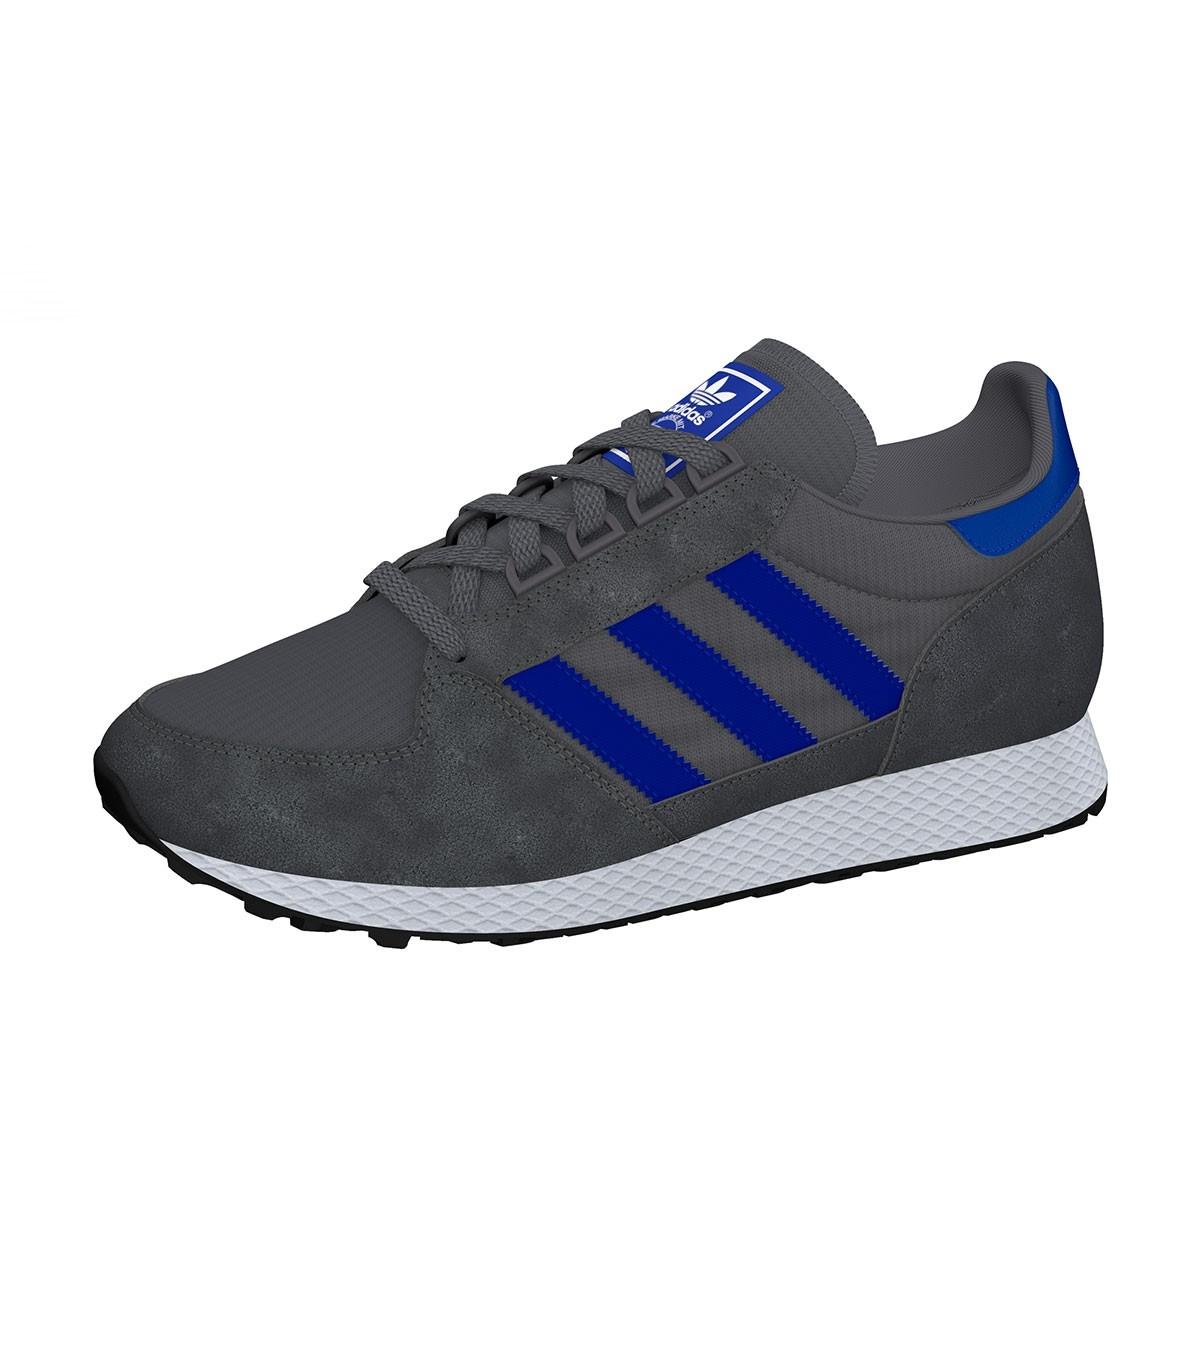 ebf42e779f4 Buy Zapatilla Adidas Forest Grove